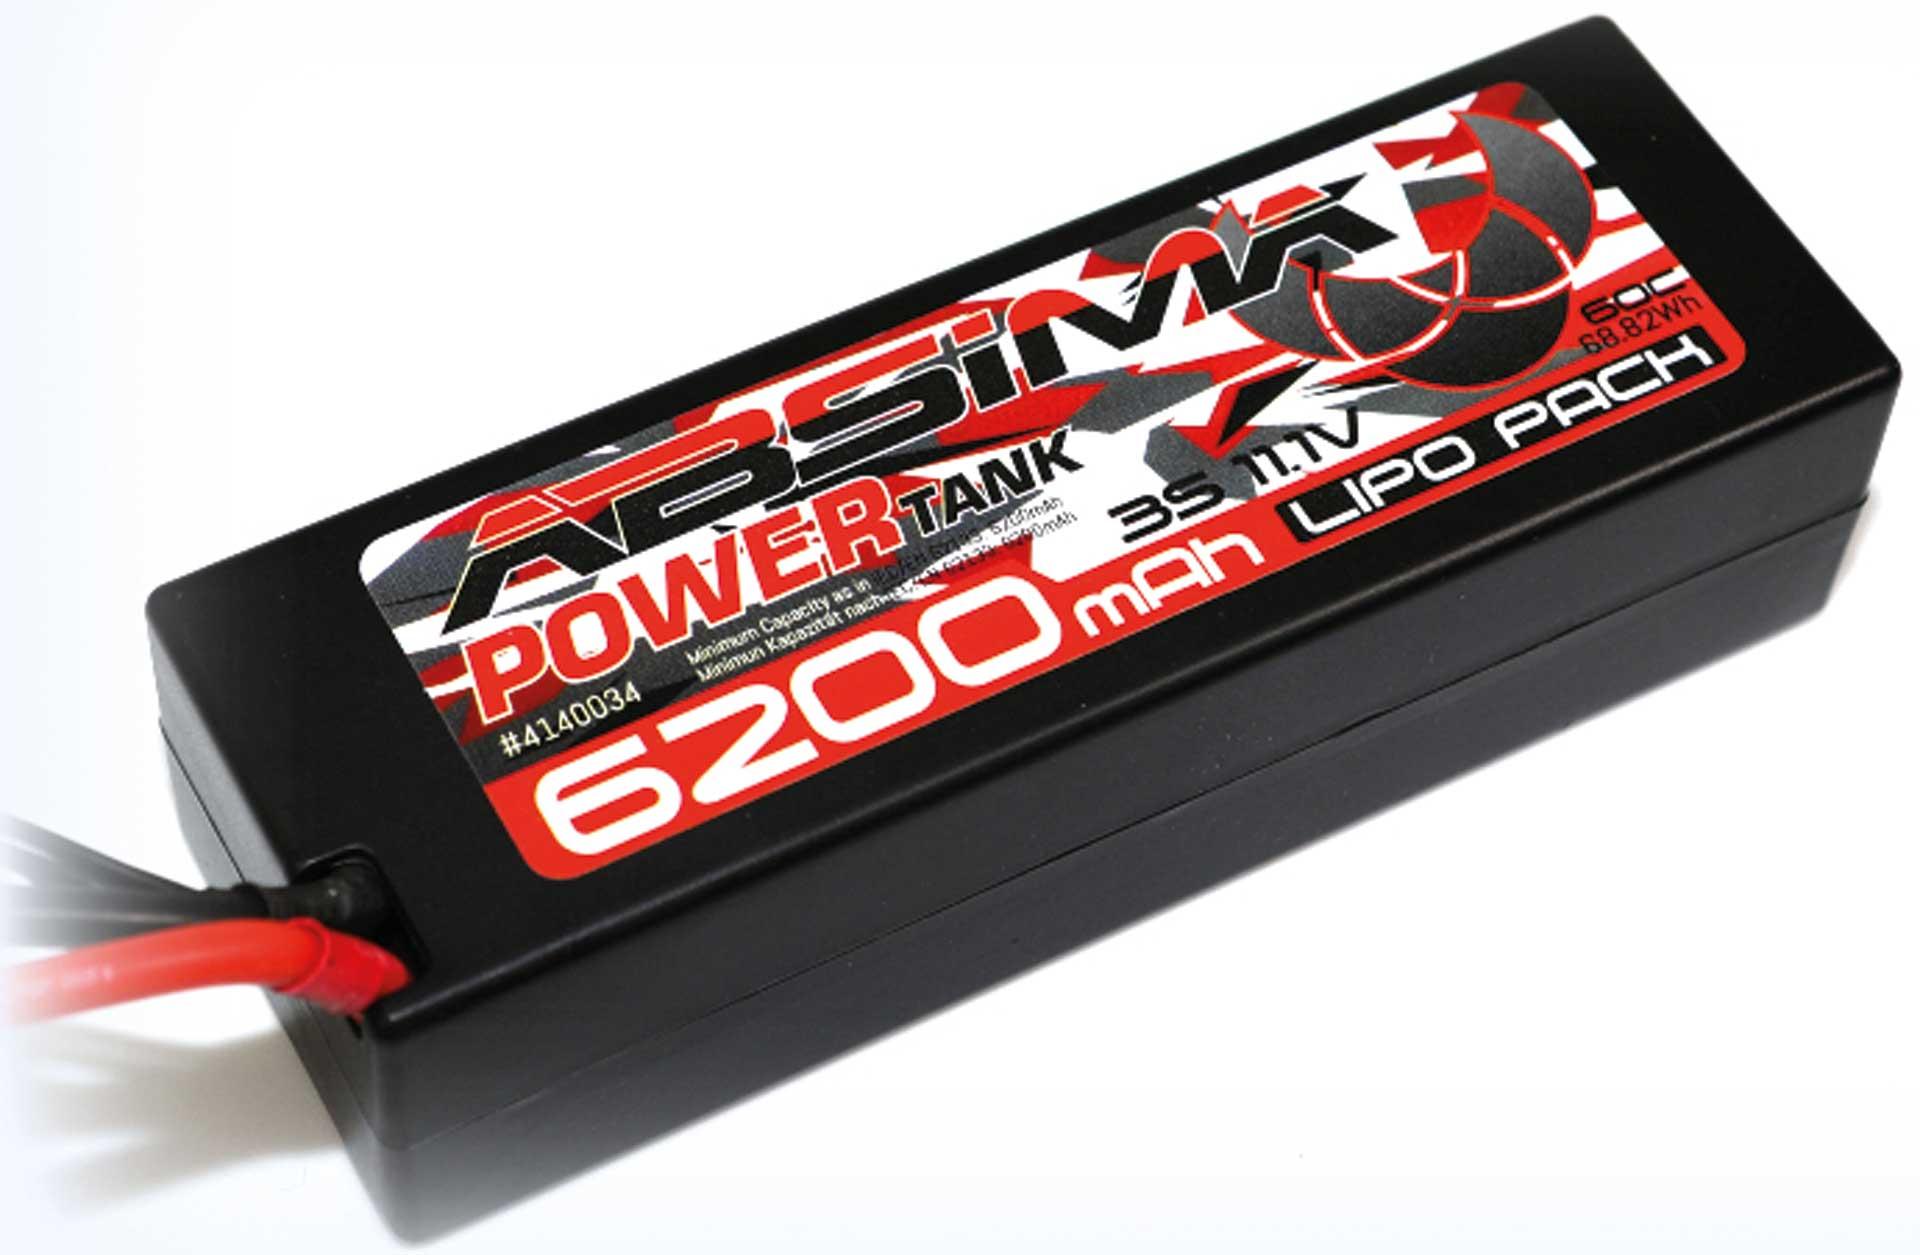 Absima Power Tank LiPo Stick Pack 11,1V 60C6200mah Hardcase (T Plug)